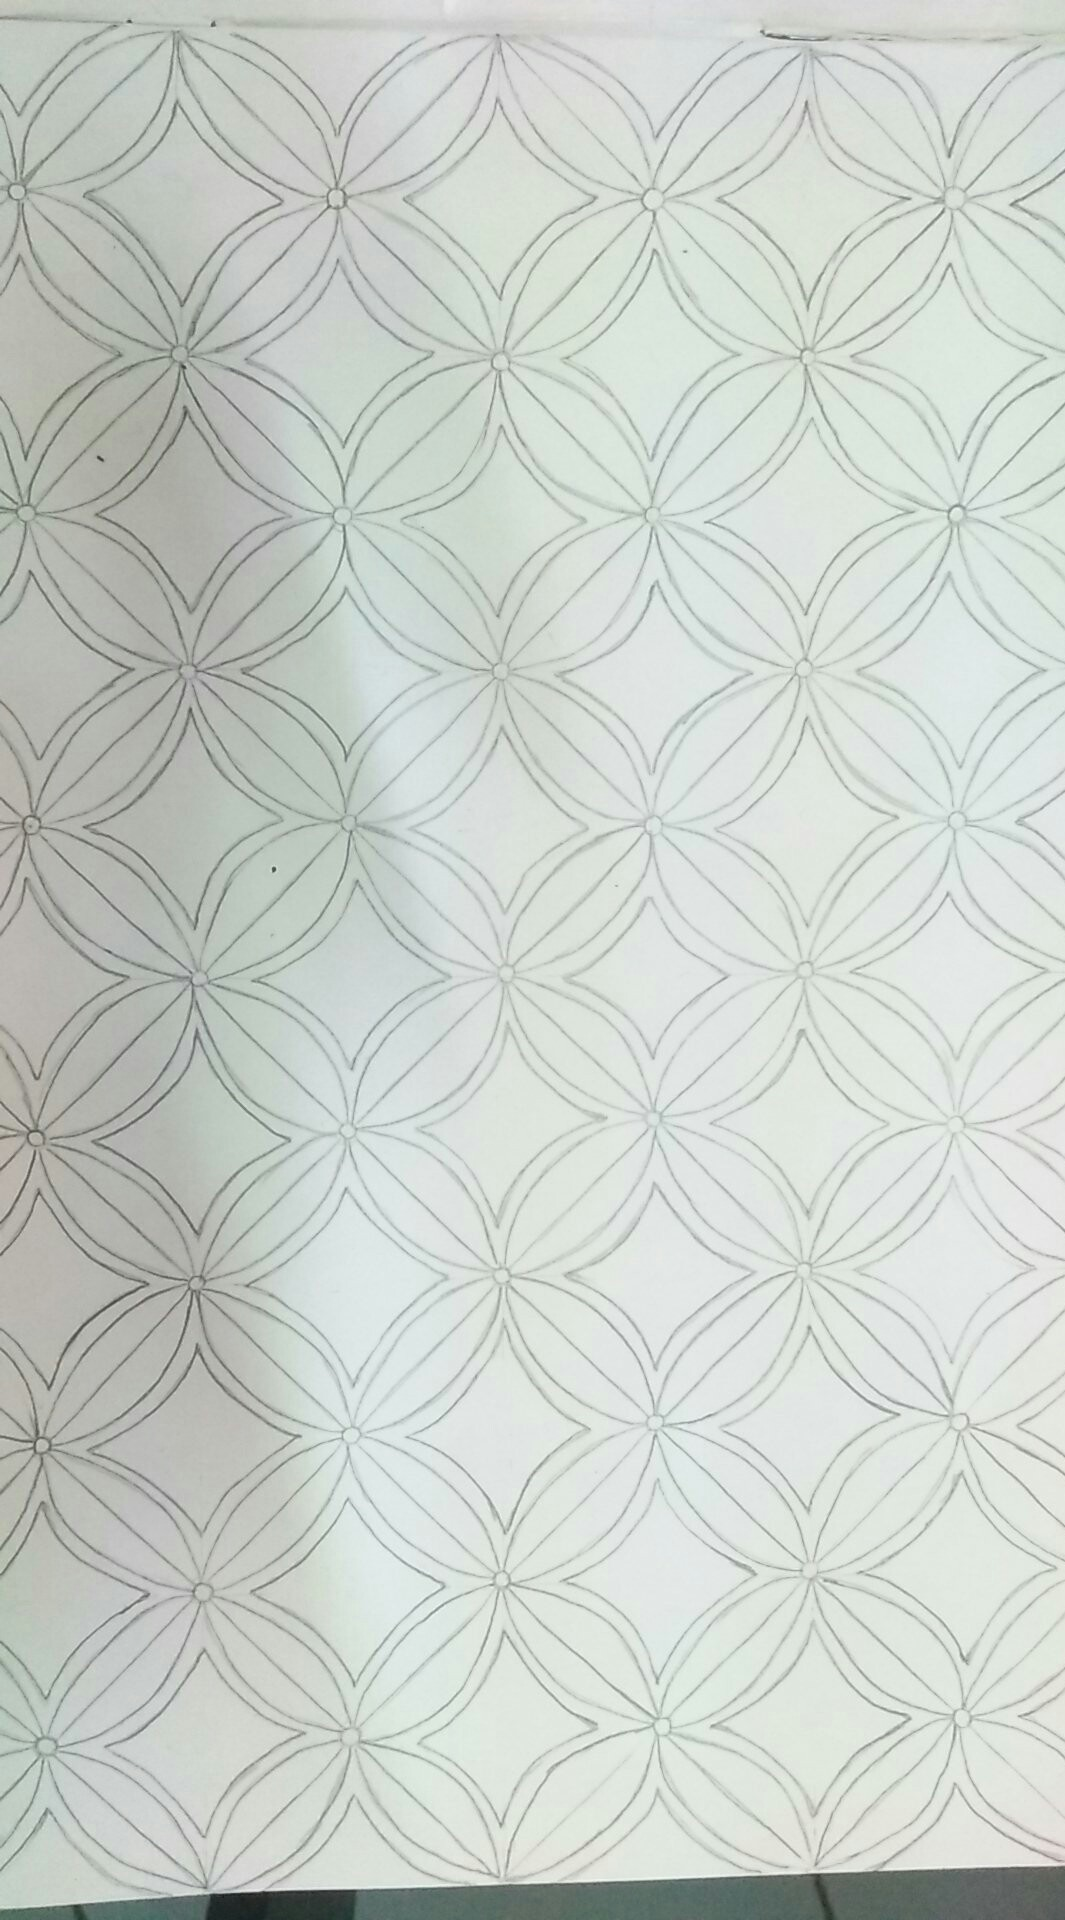 Warna Pensil Yang Cocok Untuk Mewarnai Gambar Batik Ini Brainly Co Id